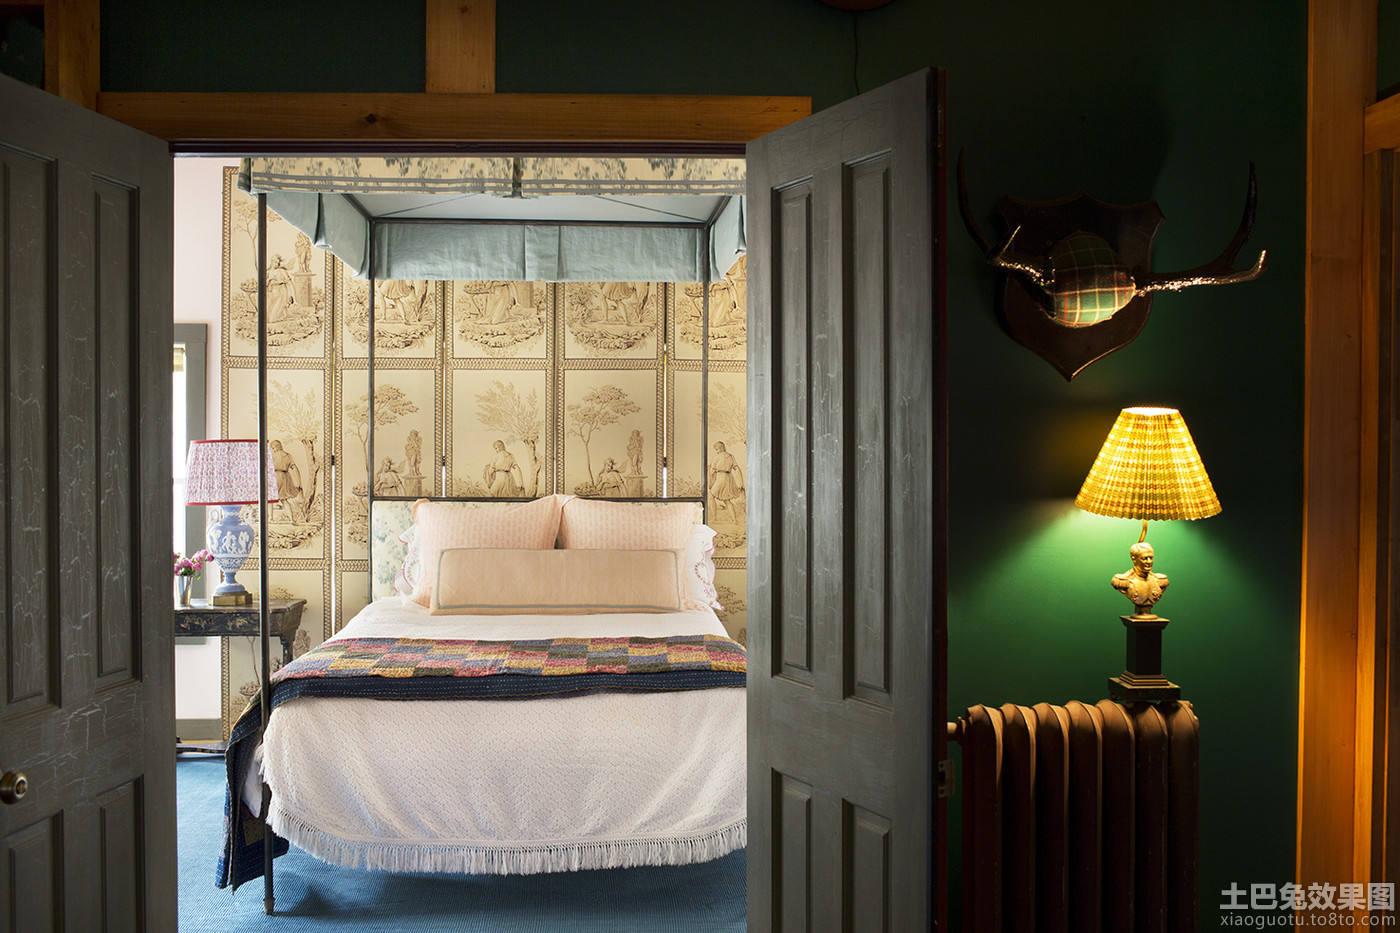 复古风格卧室门设计图片大全装修效果图_第1张 - 家居